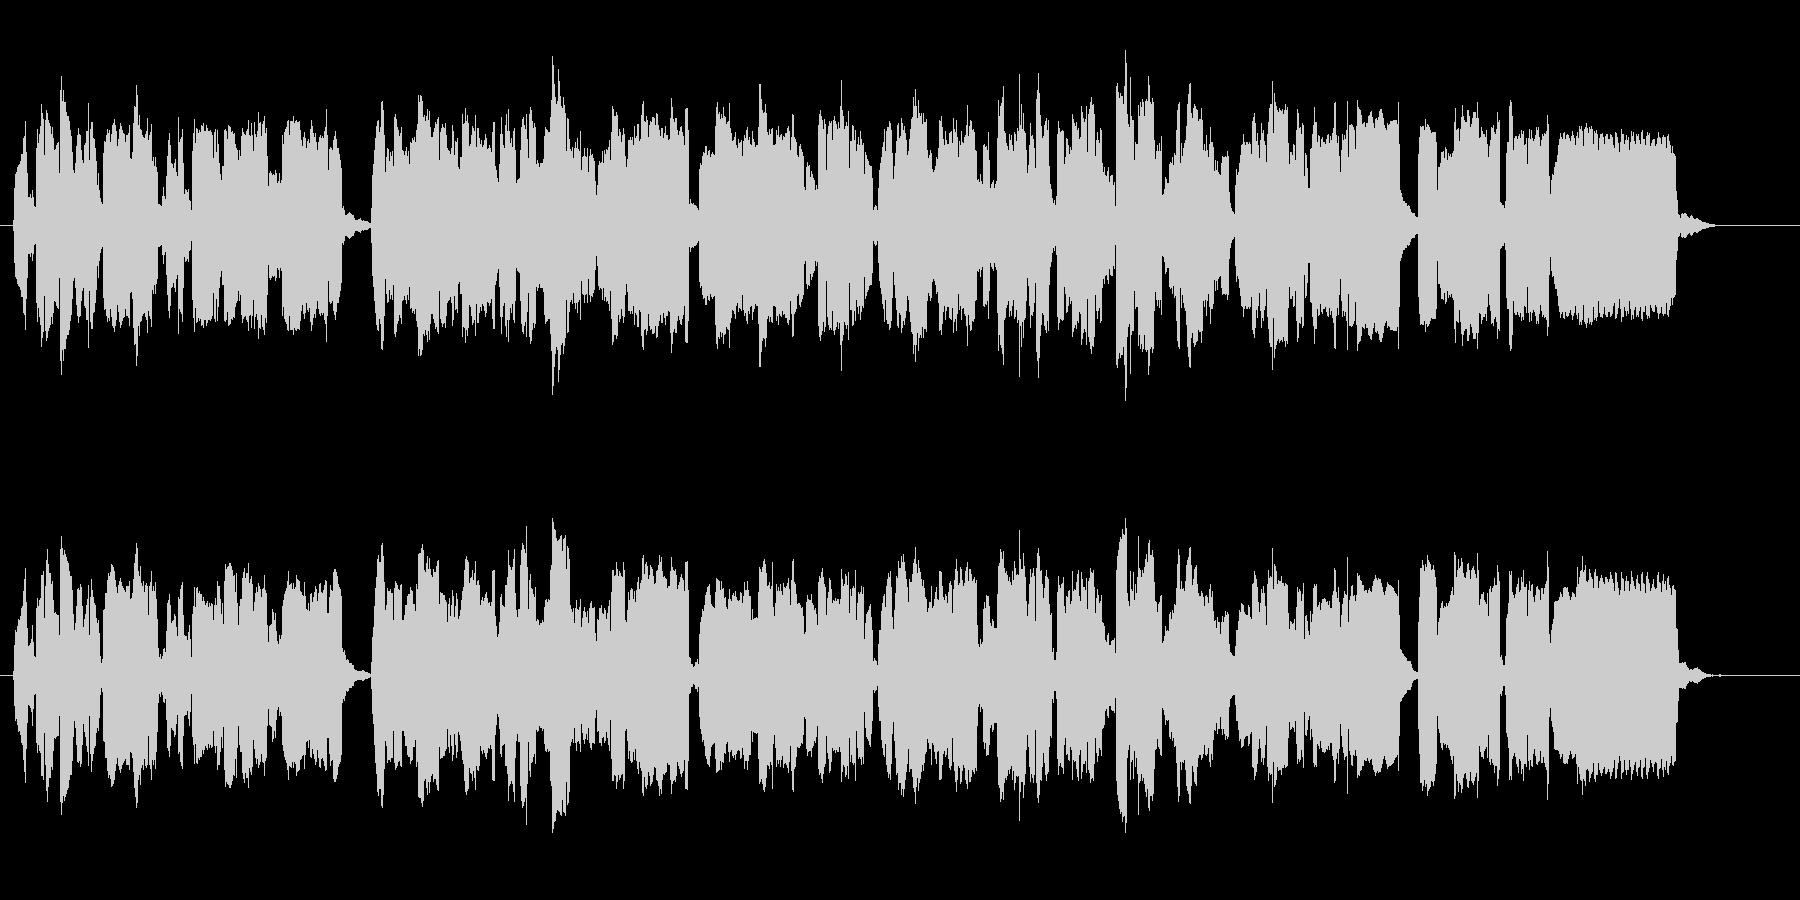 ルネサンス期の古楽器リコーダーの三重奏の未再生の波形